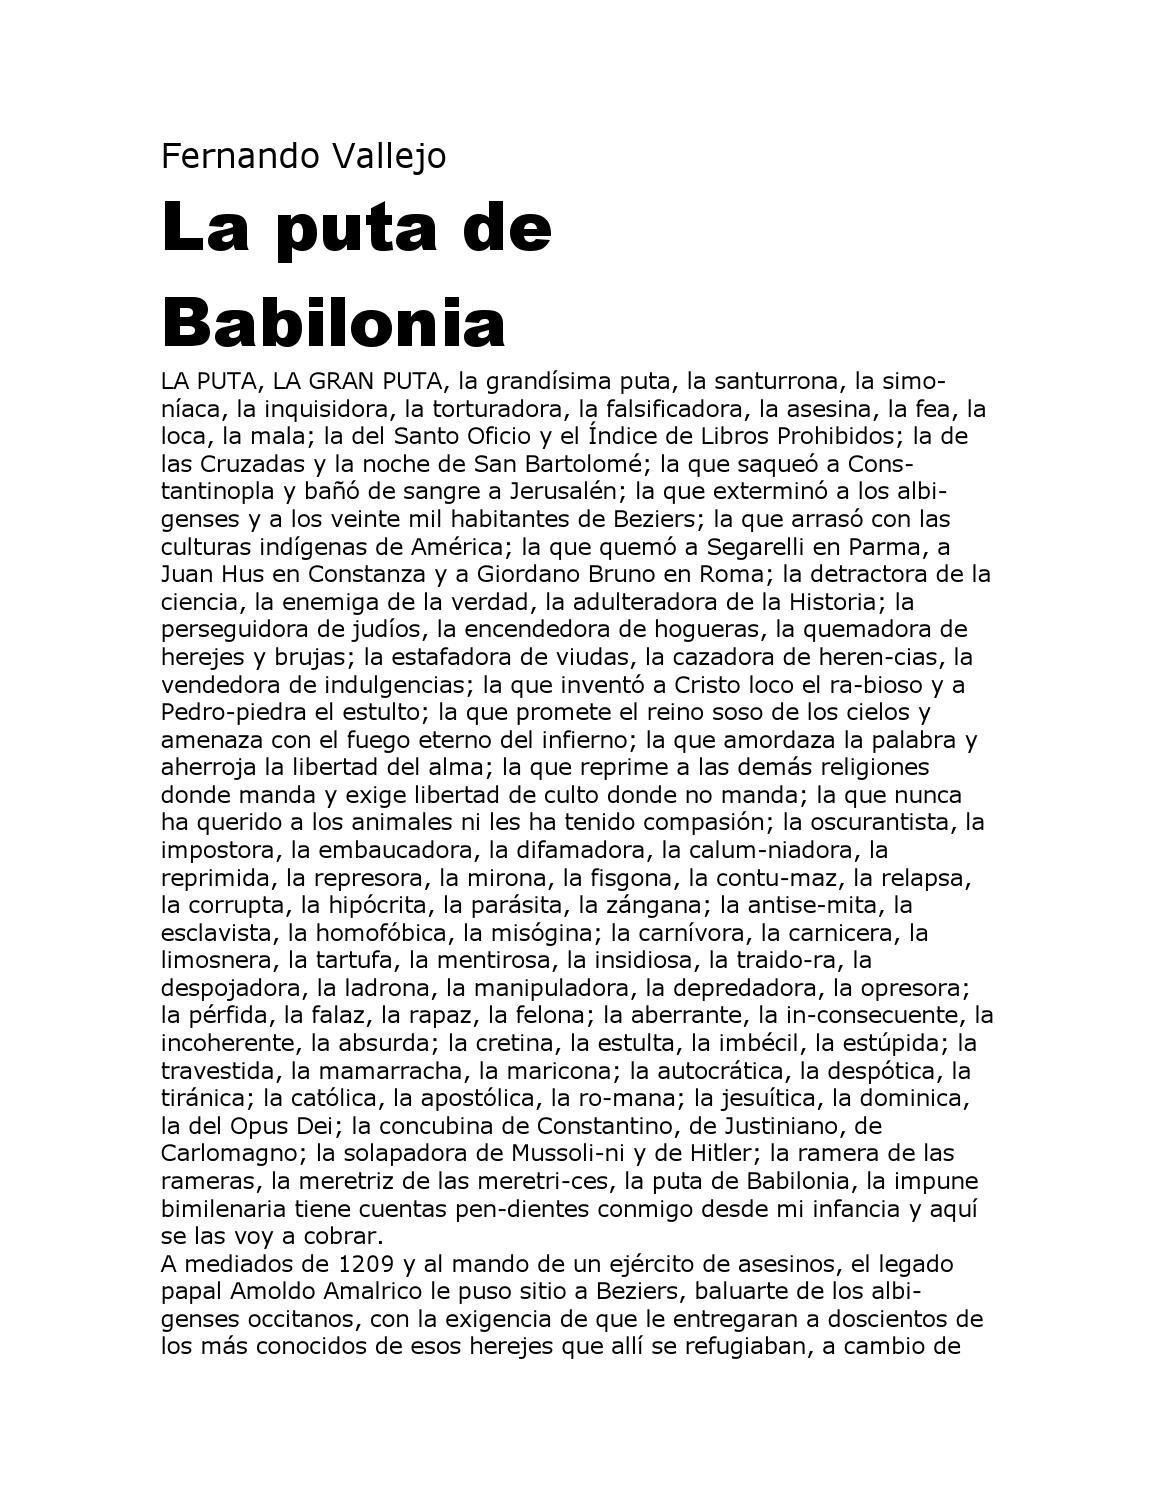 La Puta De Babilonia Frase